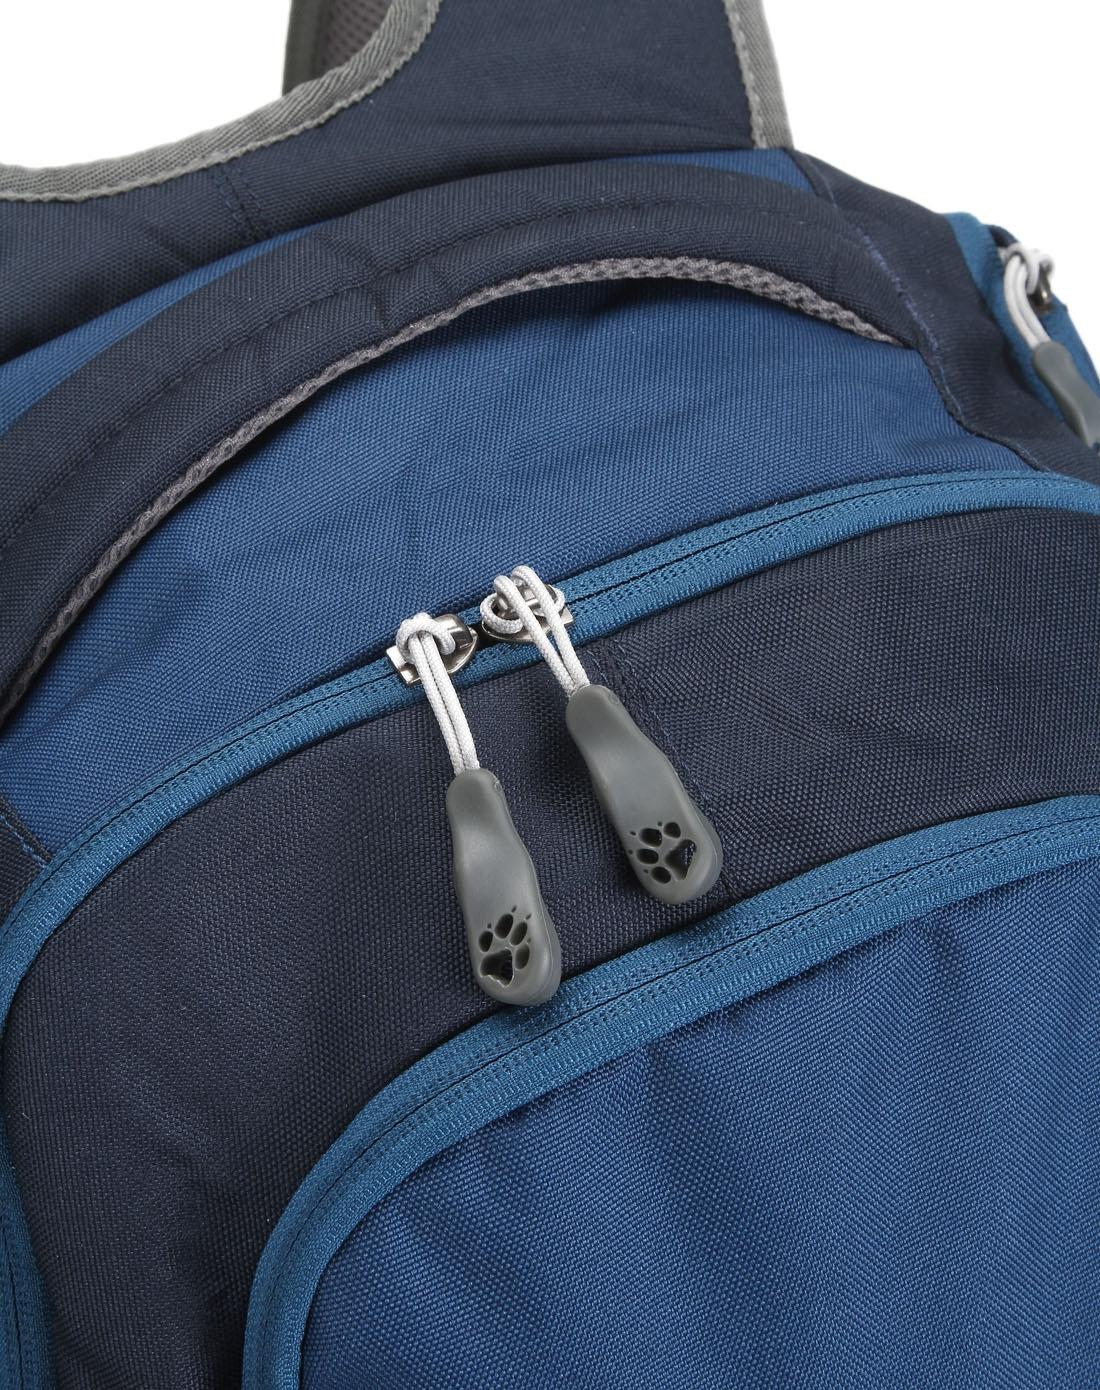 中性时尚深蓝色背包图片